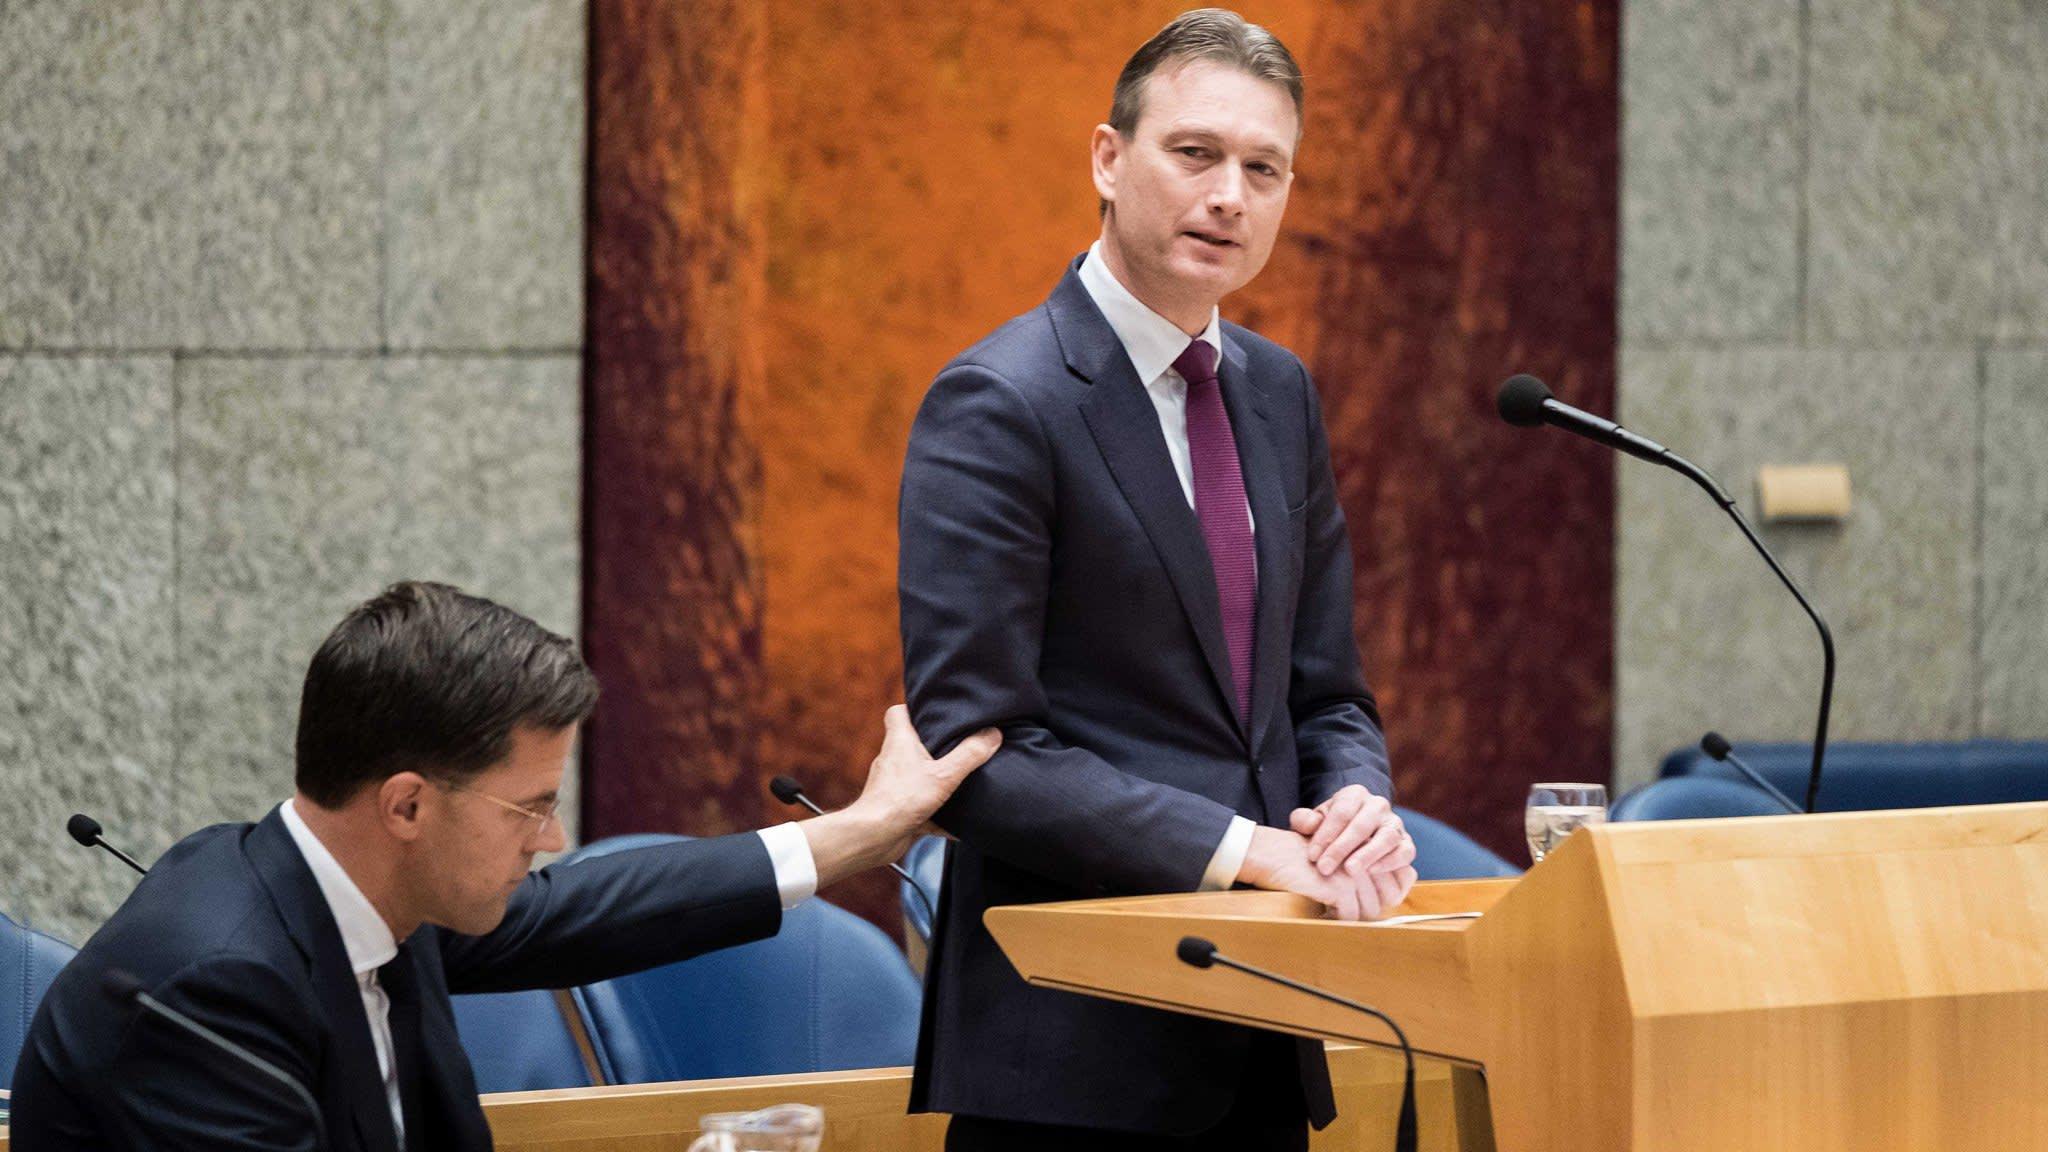 Dutch foreign minister resigns over false Putin claim